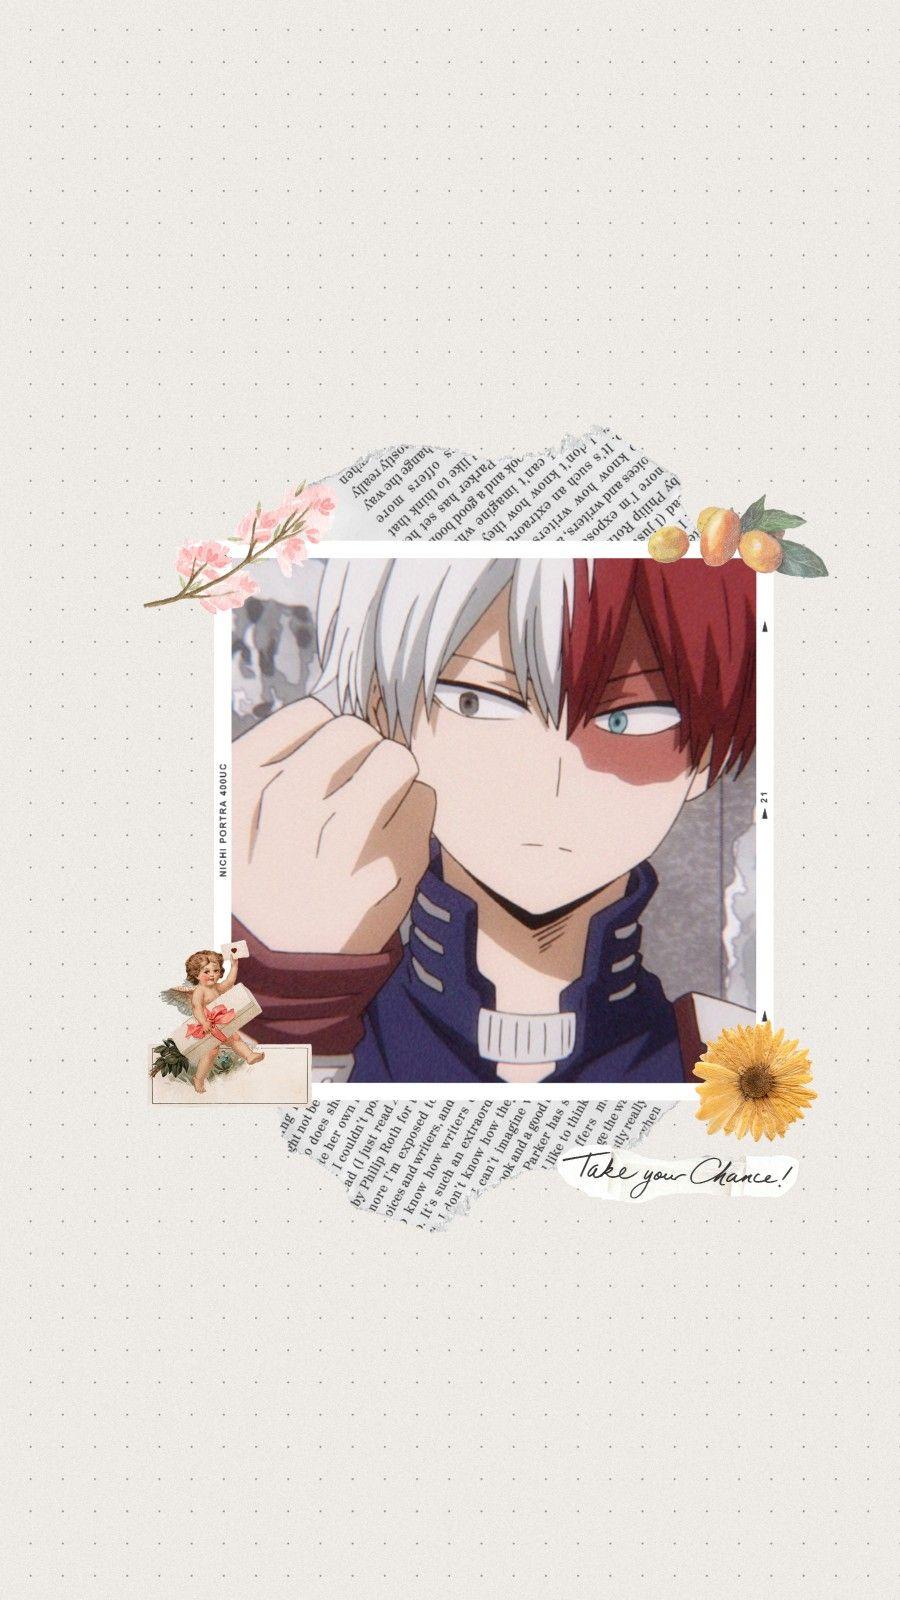 Todoroki Aesthetic Wallpaper Cute Anime Wallpaper Hero Wallpaper Aesthetic Anime